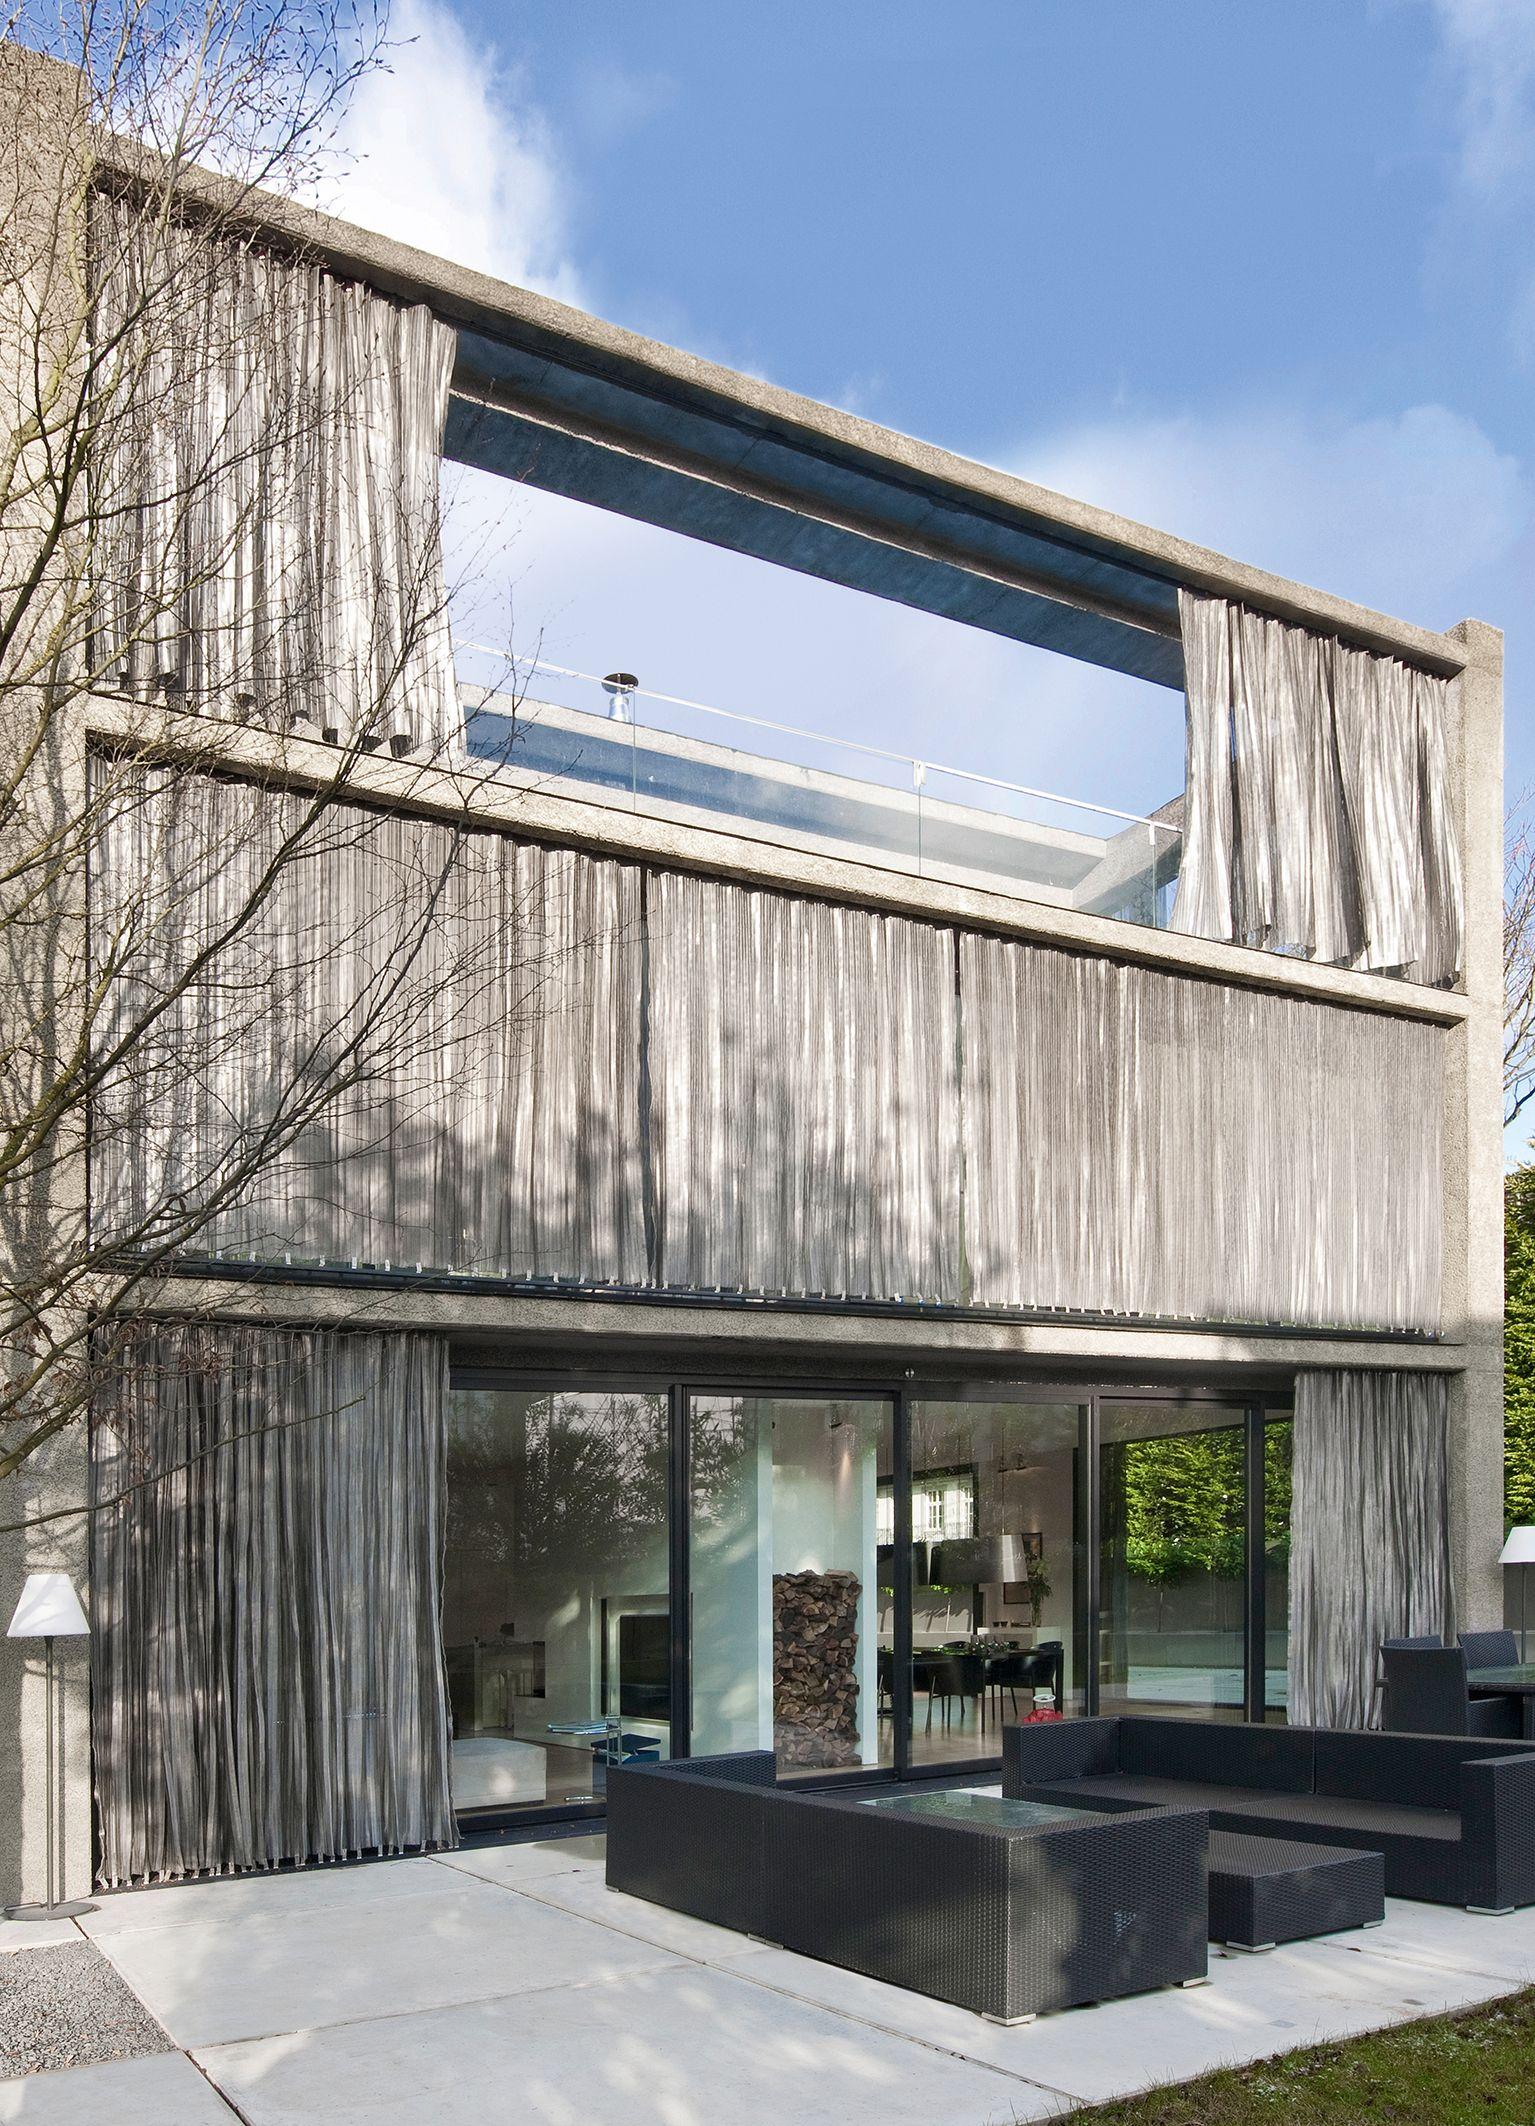 Villa Funken In Koln Fassade Aus Liapor Leichtbeton Mit Stahlblechvorhangen Von Artis Paas Architekten Leichtbeton Fassade Villa